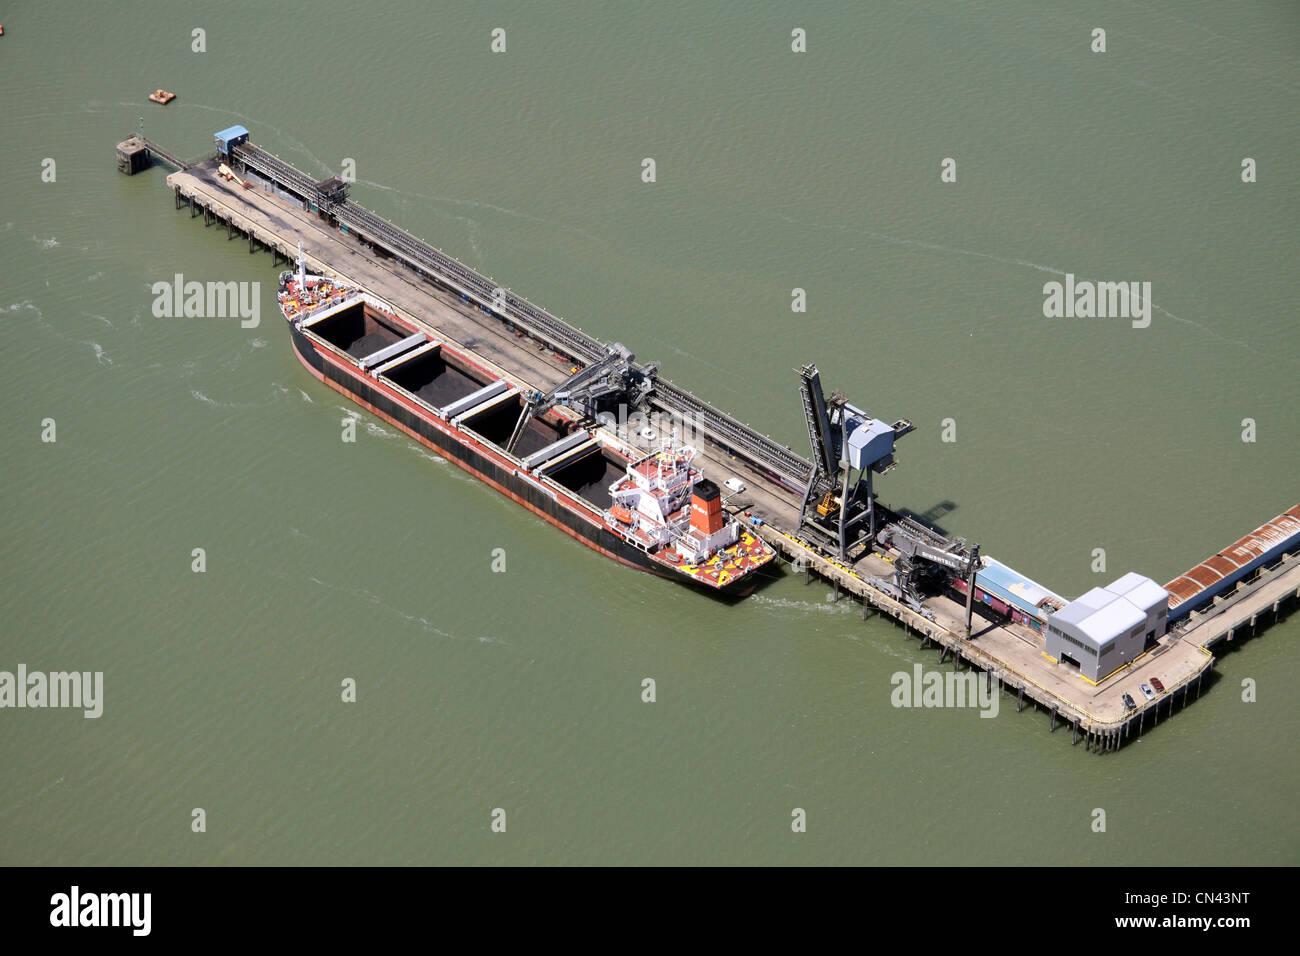 Vue aérienne de Kingsnorth jetty, rivière Medway, Kent Photo Stock